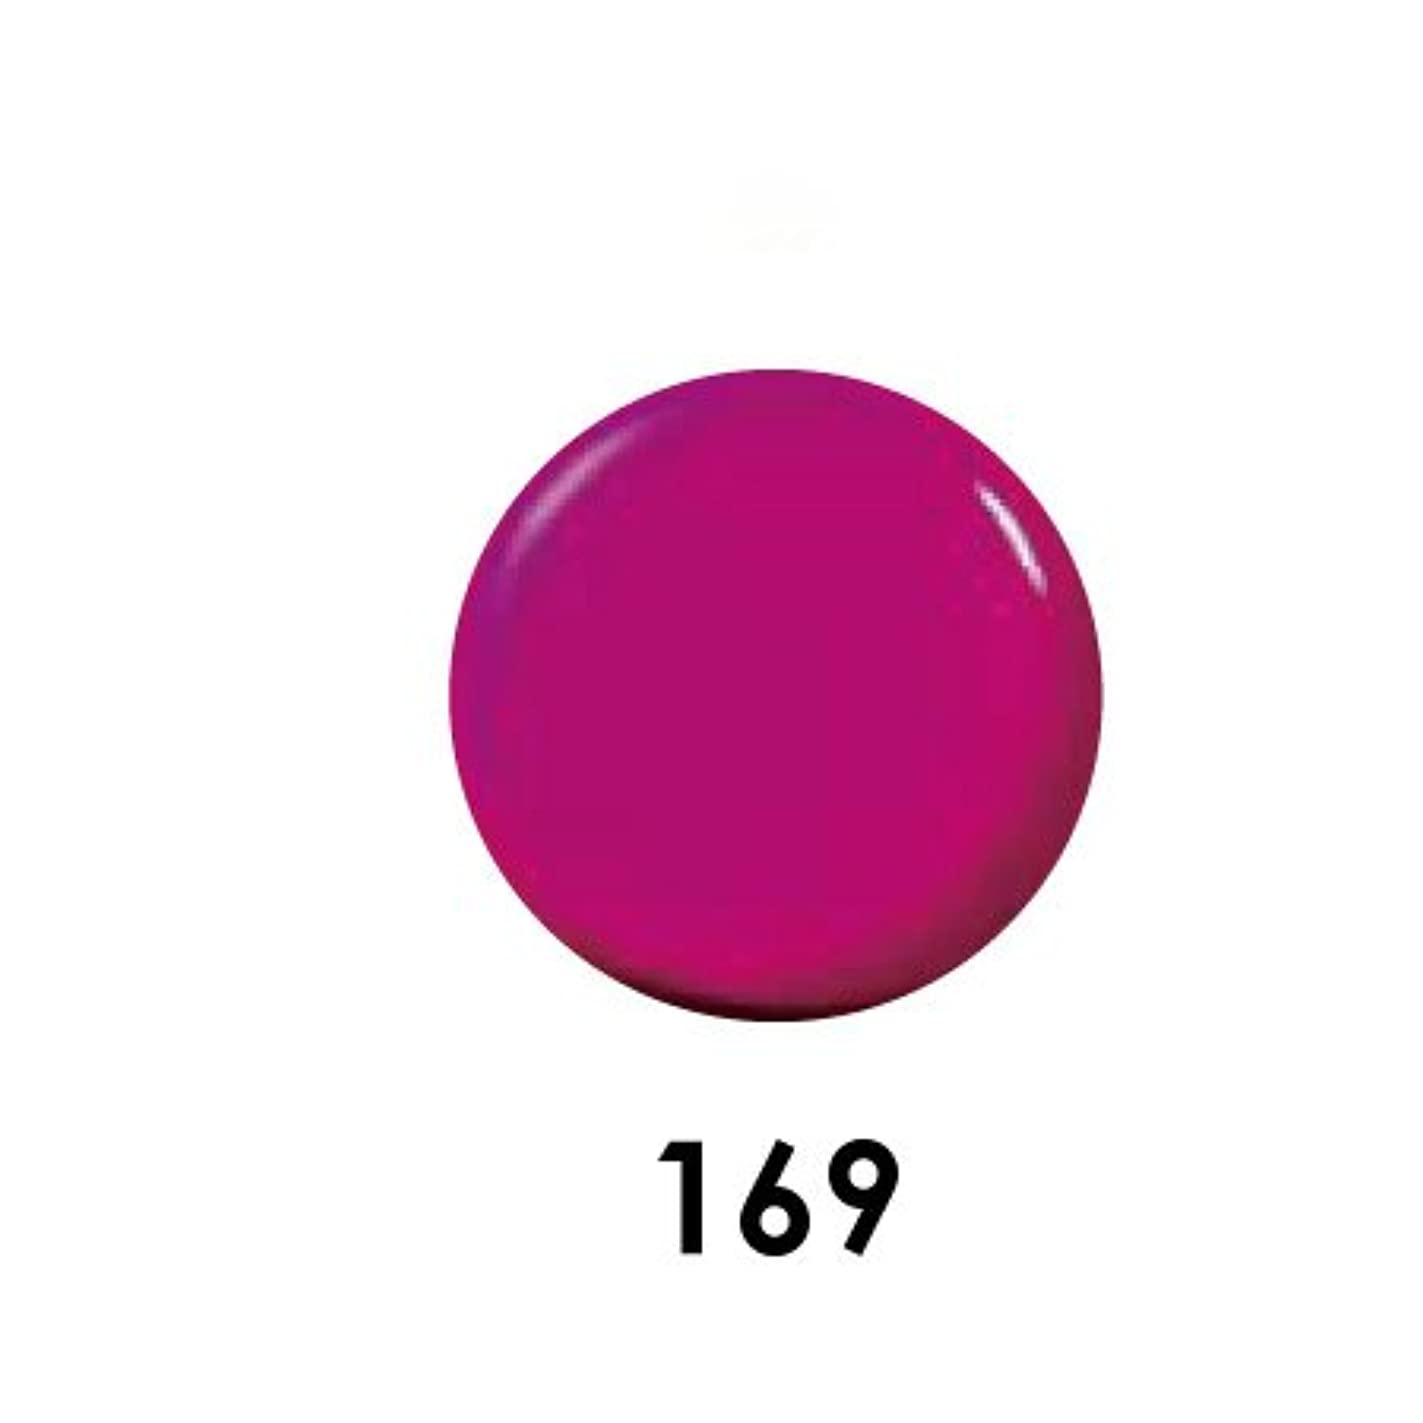 め言葉屋内モートPutiel プティール カラージェル 169 ラテンピンク 2g (MARIEプロデュース)